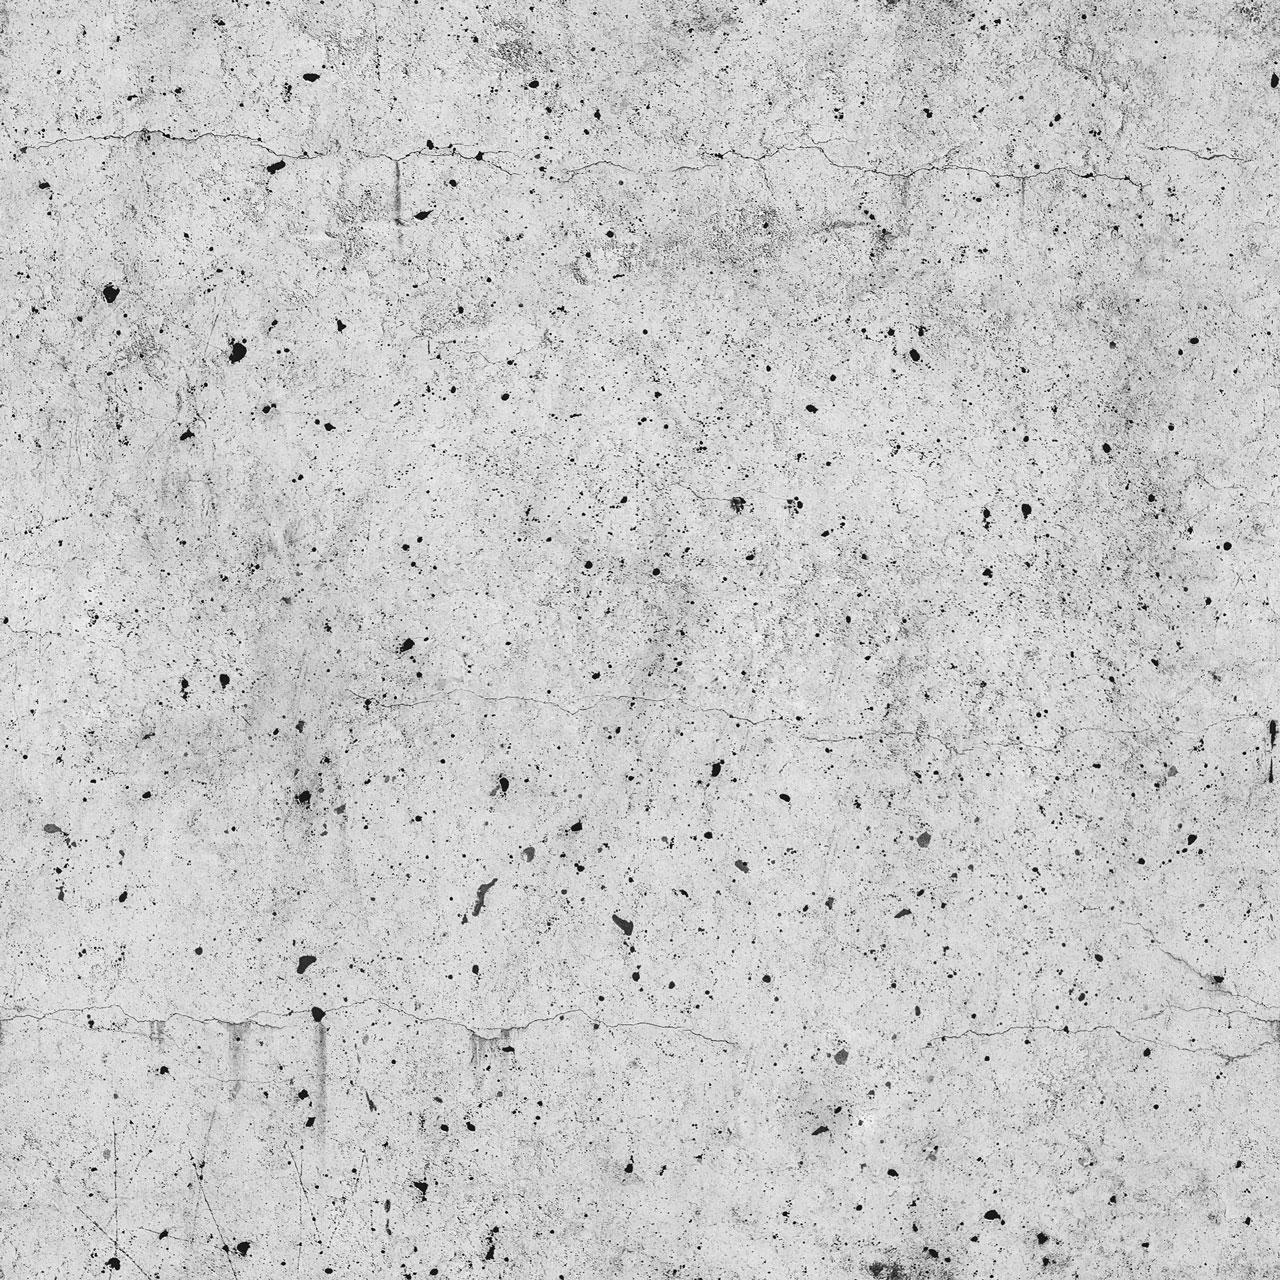 divoké textures-bezešvé-průmyslové-betonové-textury